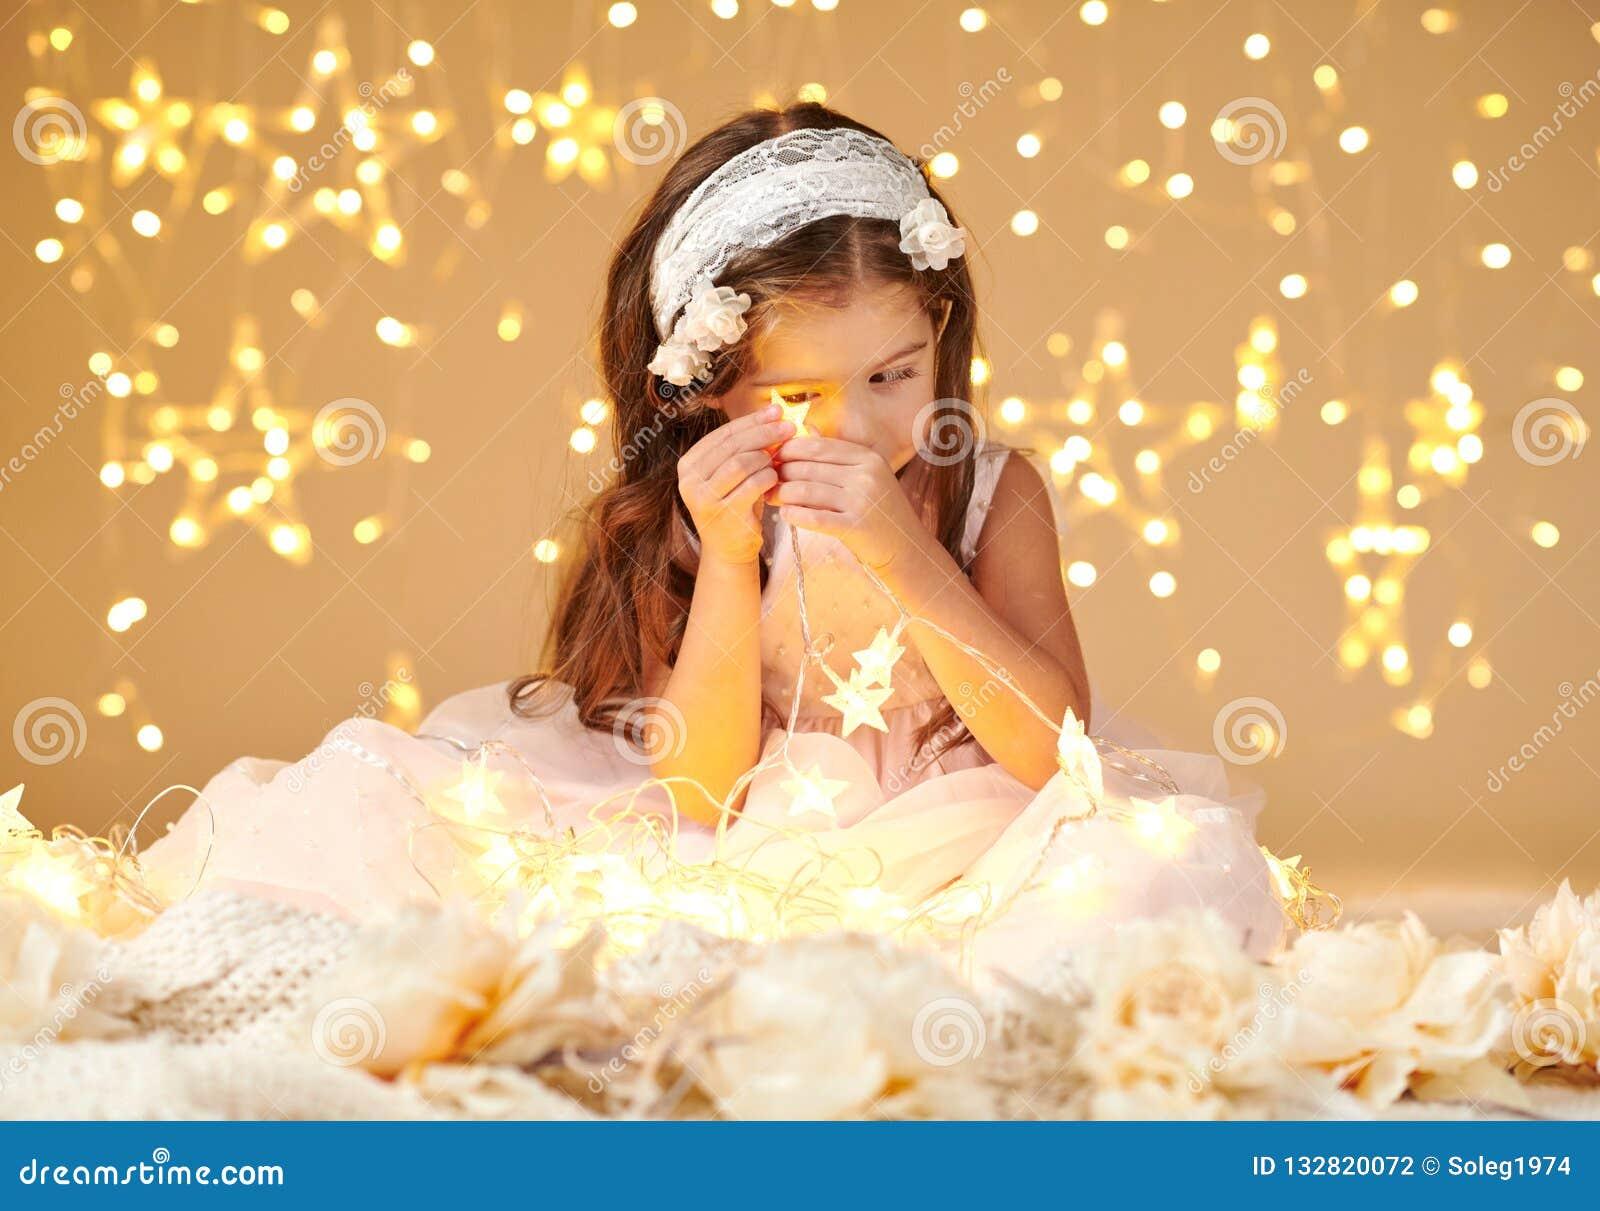 L enfant de fille joue avec des lumières de Noël, fond jaune, habillé dans la robe rose Elle regarde sur la lumière d étoile